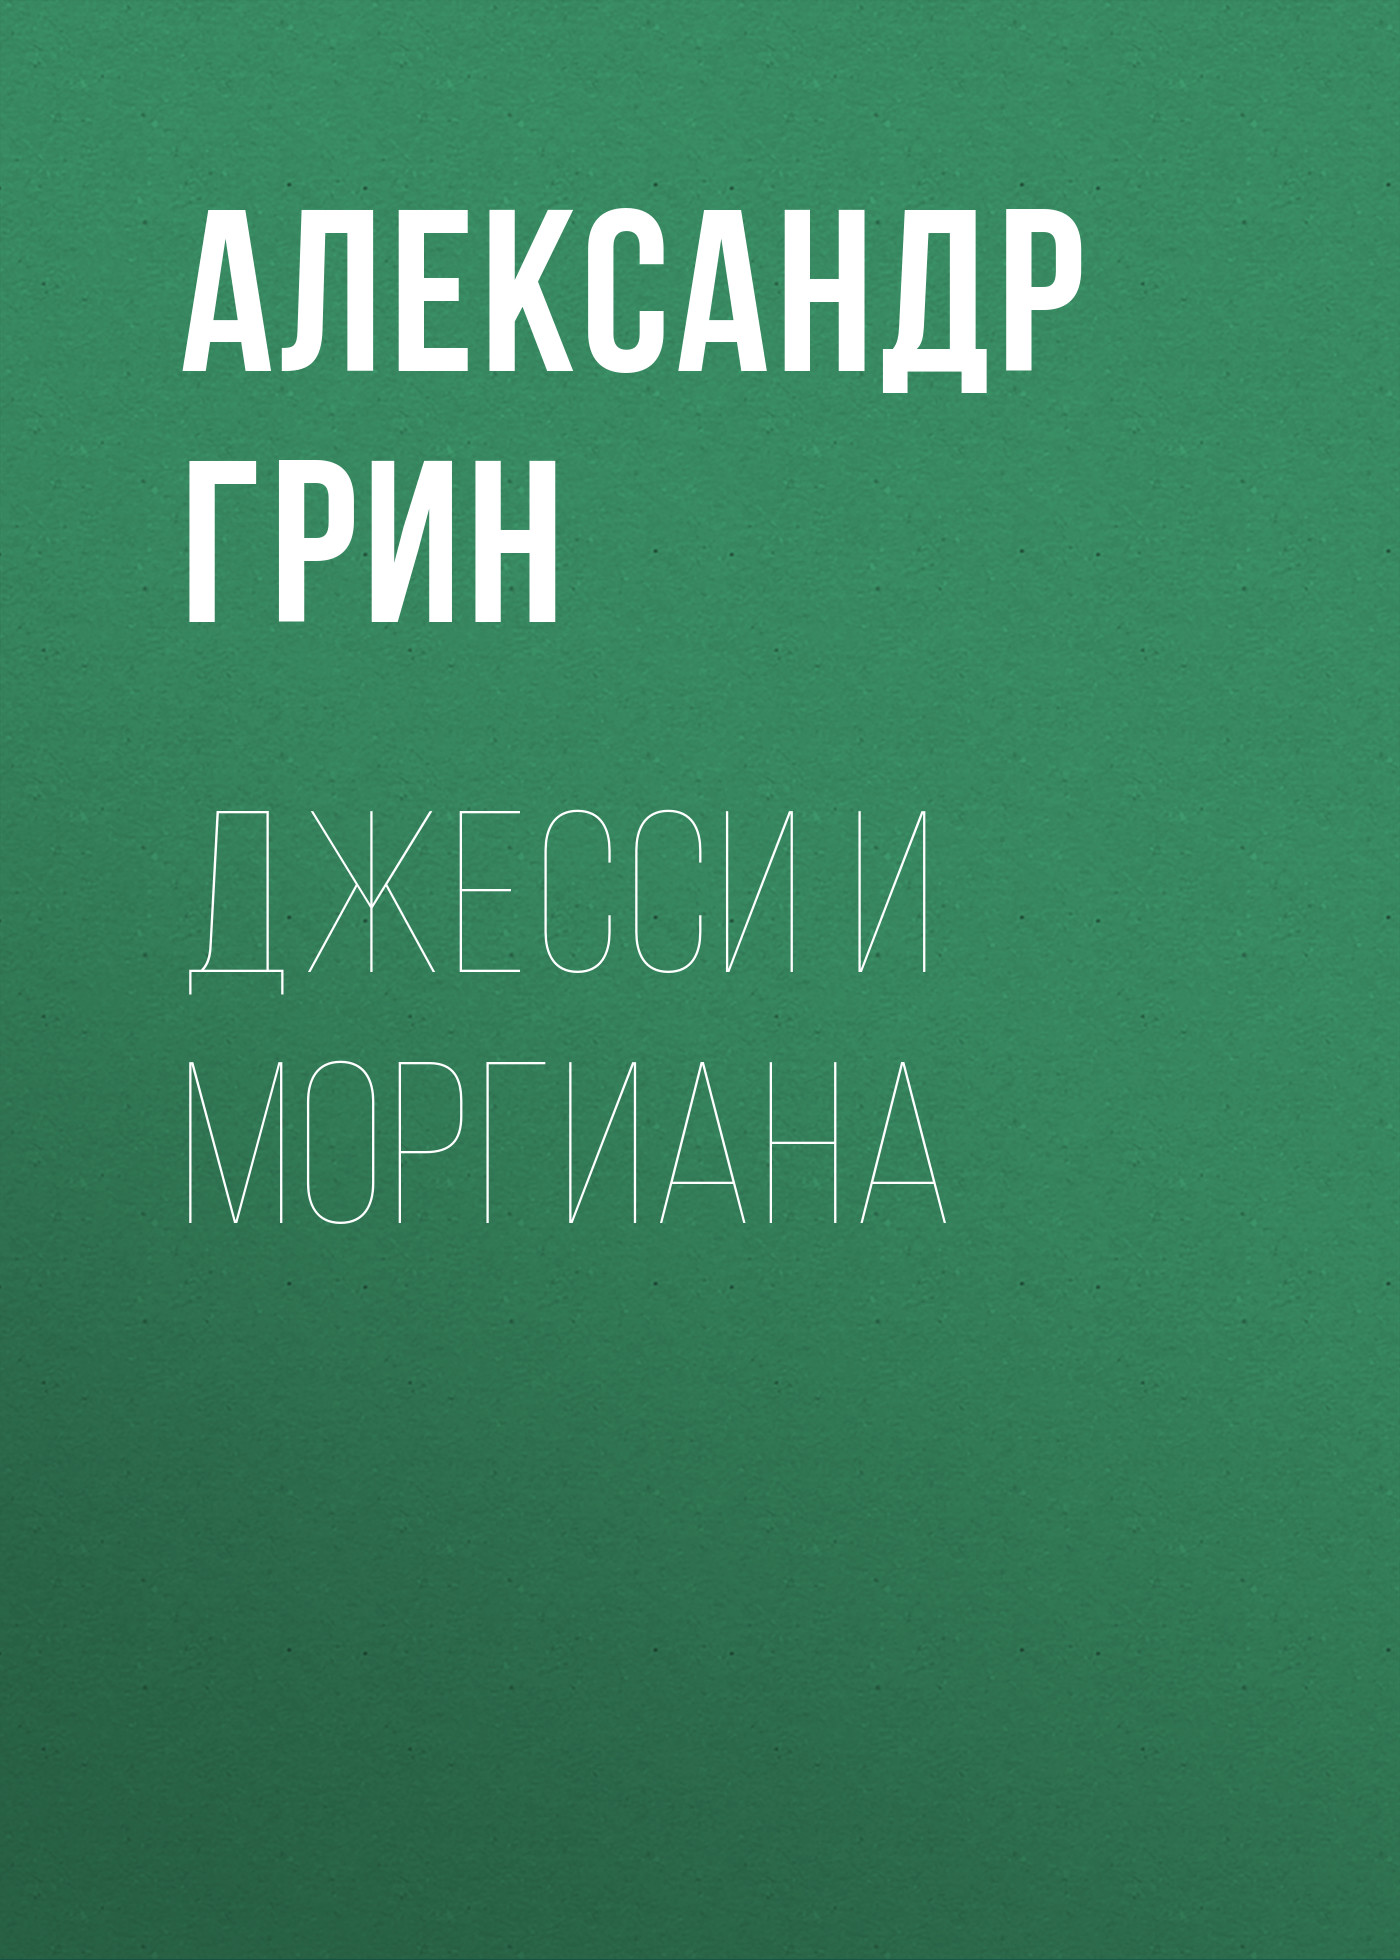 купить Александр Грин Джесси и Моргиана по цене 124 рублей